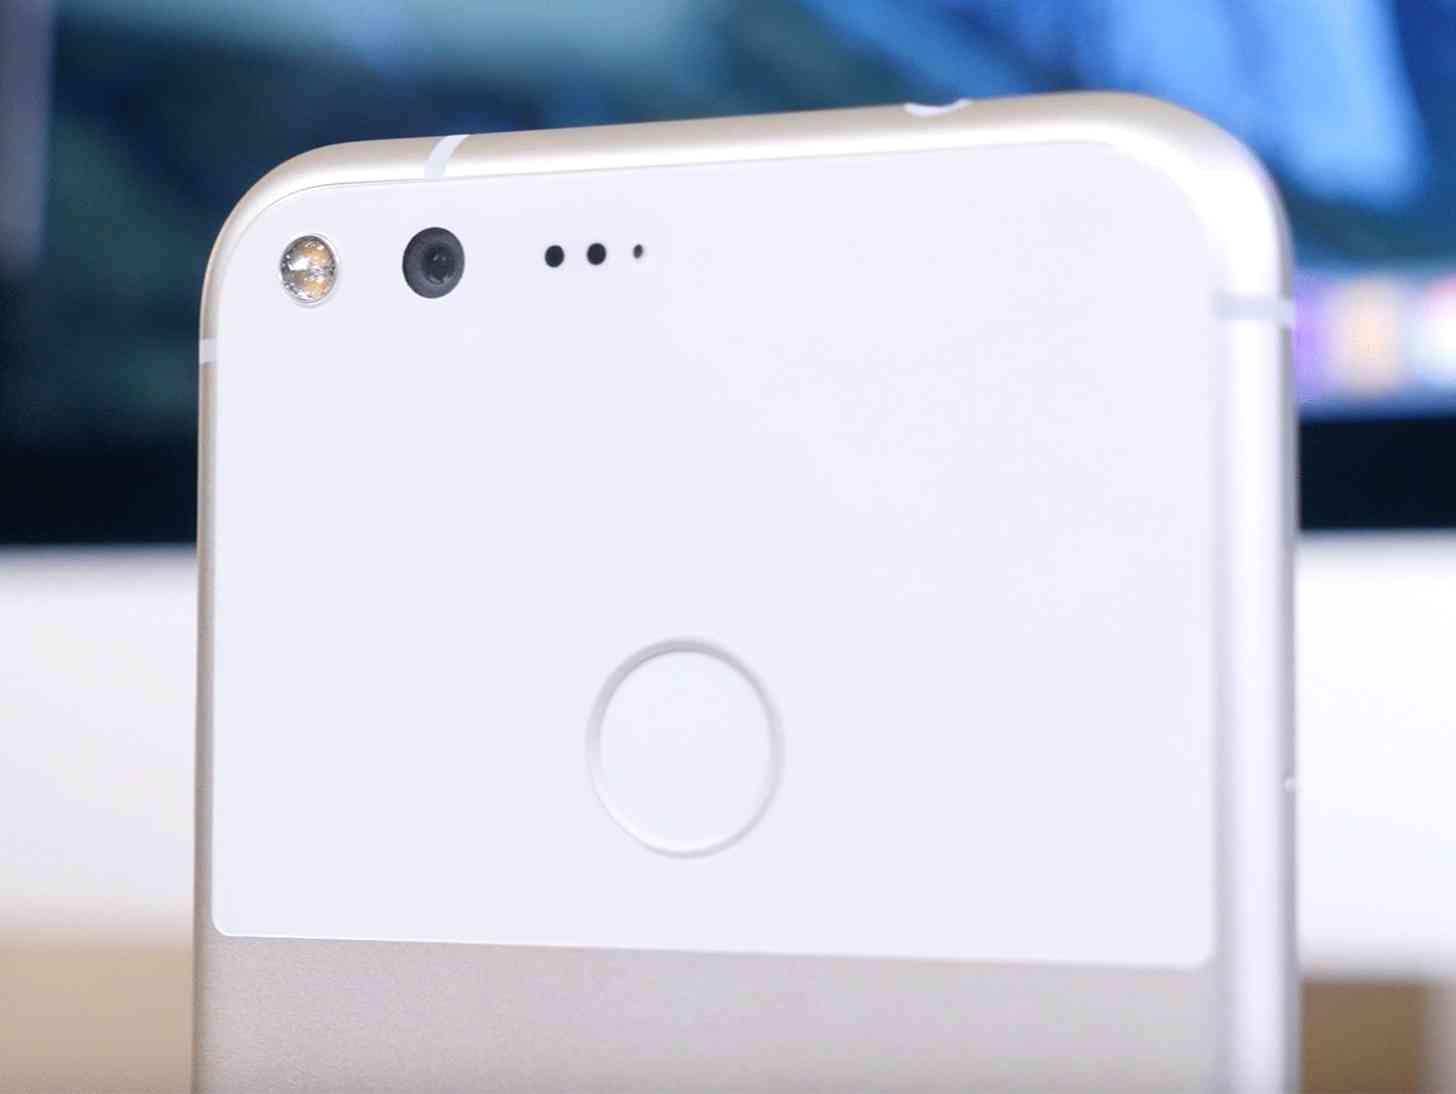 Google Pixel XL camera close-up